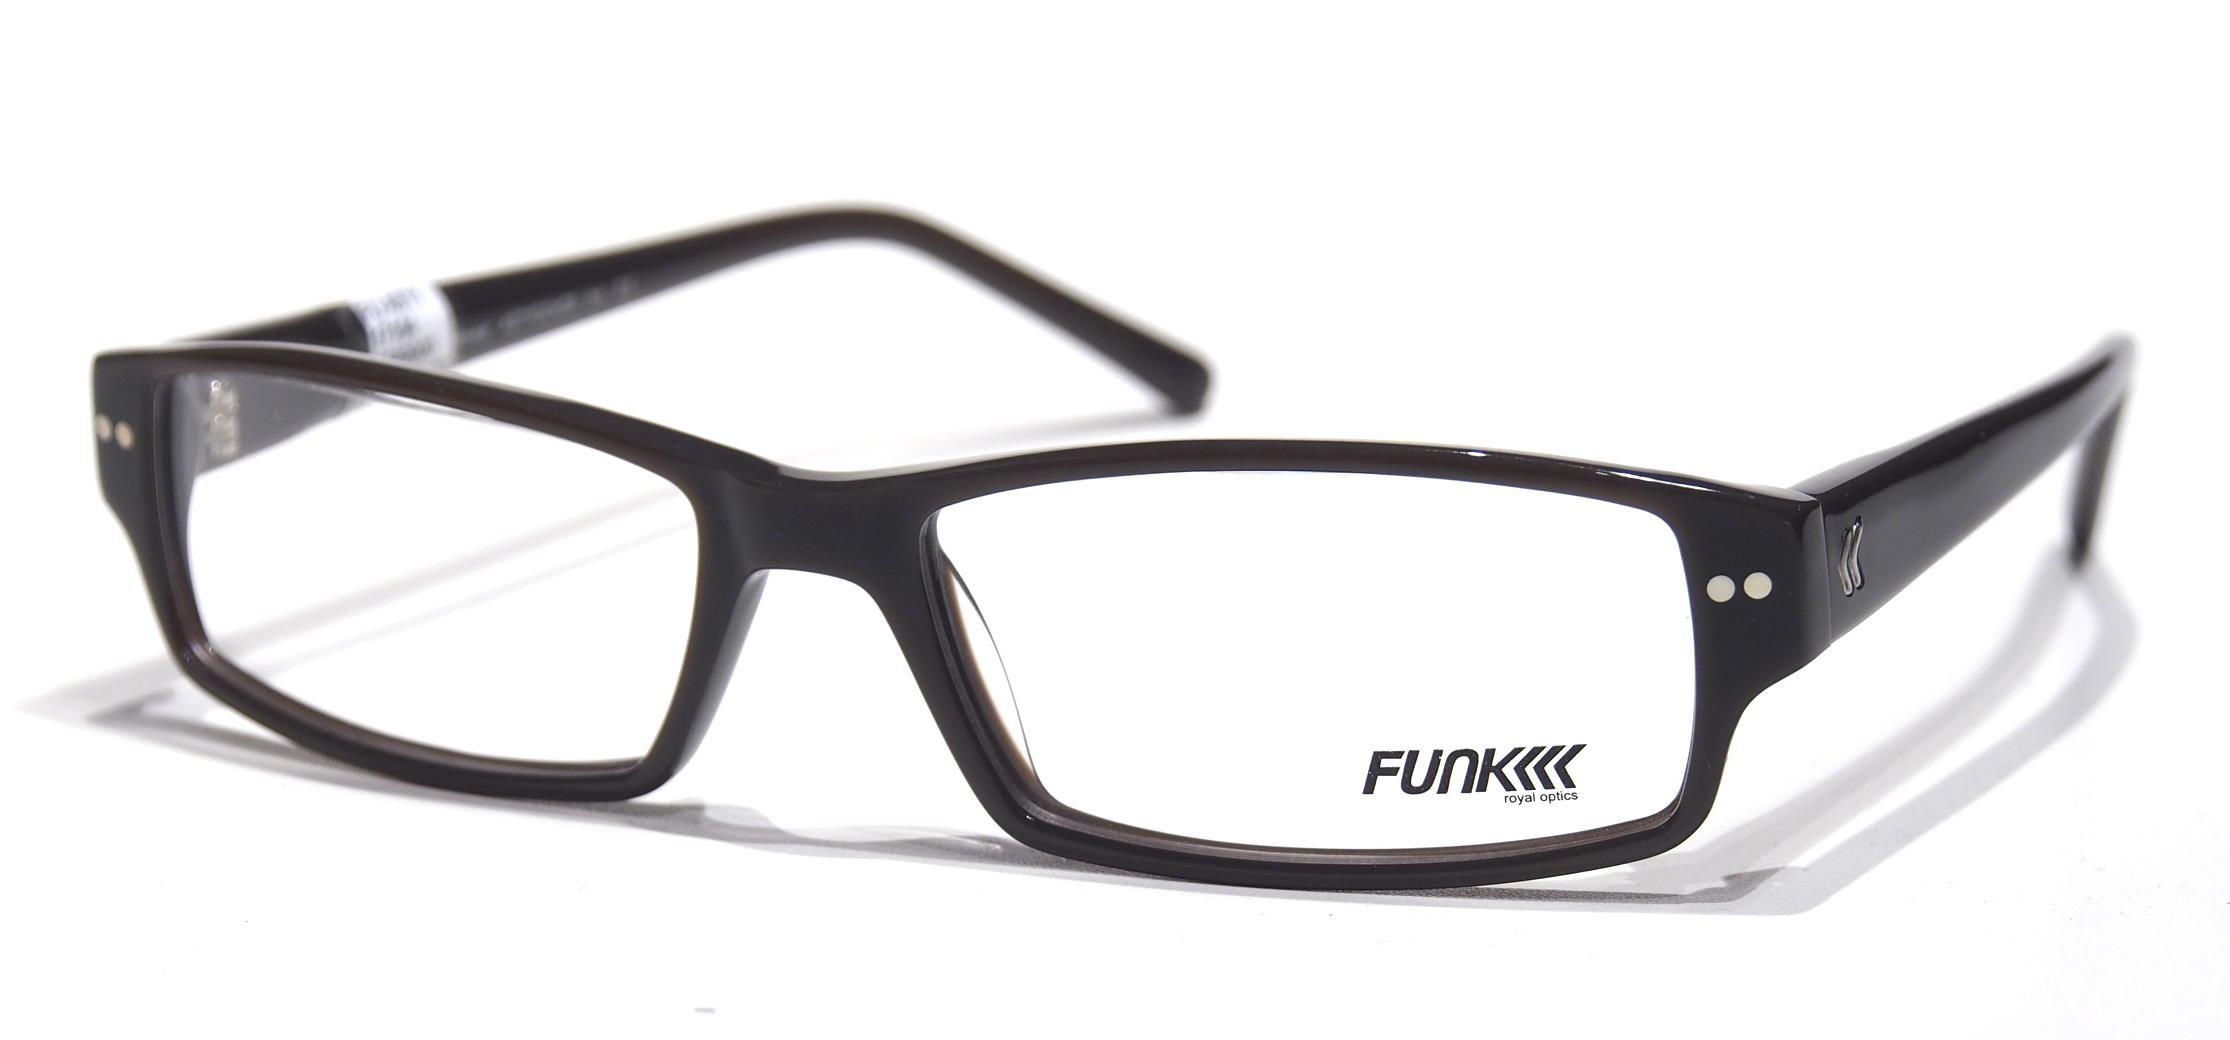 Funk Royal Brille, Astyochos brn